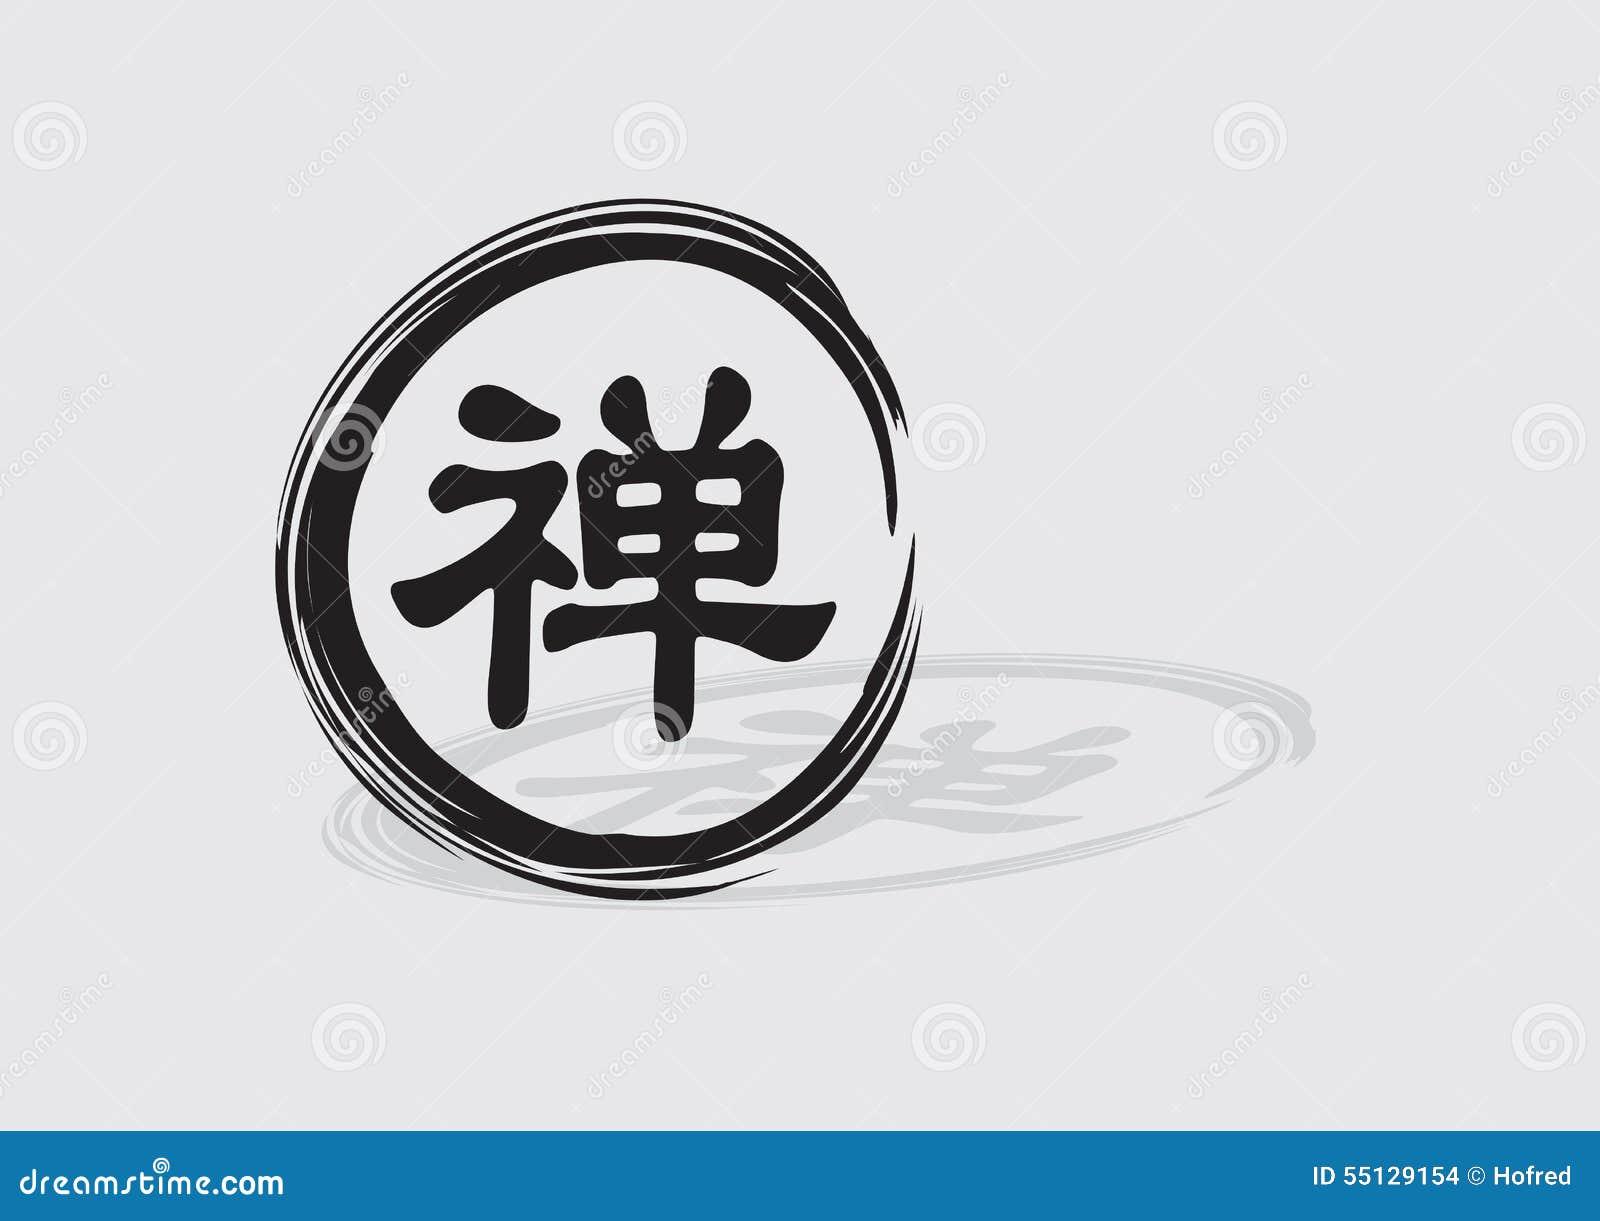 Ink Calligraphic Zen Symbol And Cast Shadow Vector